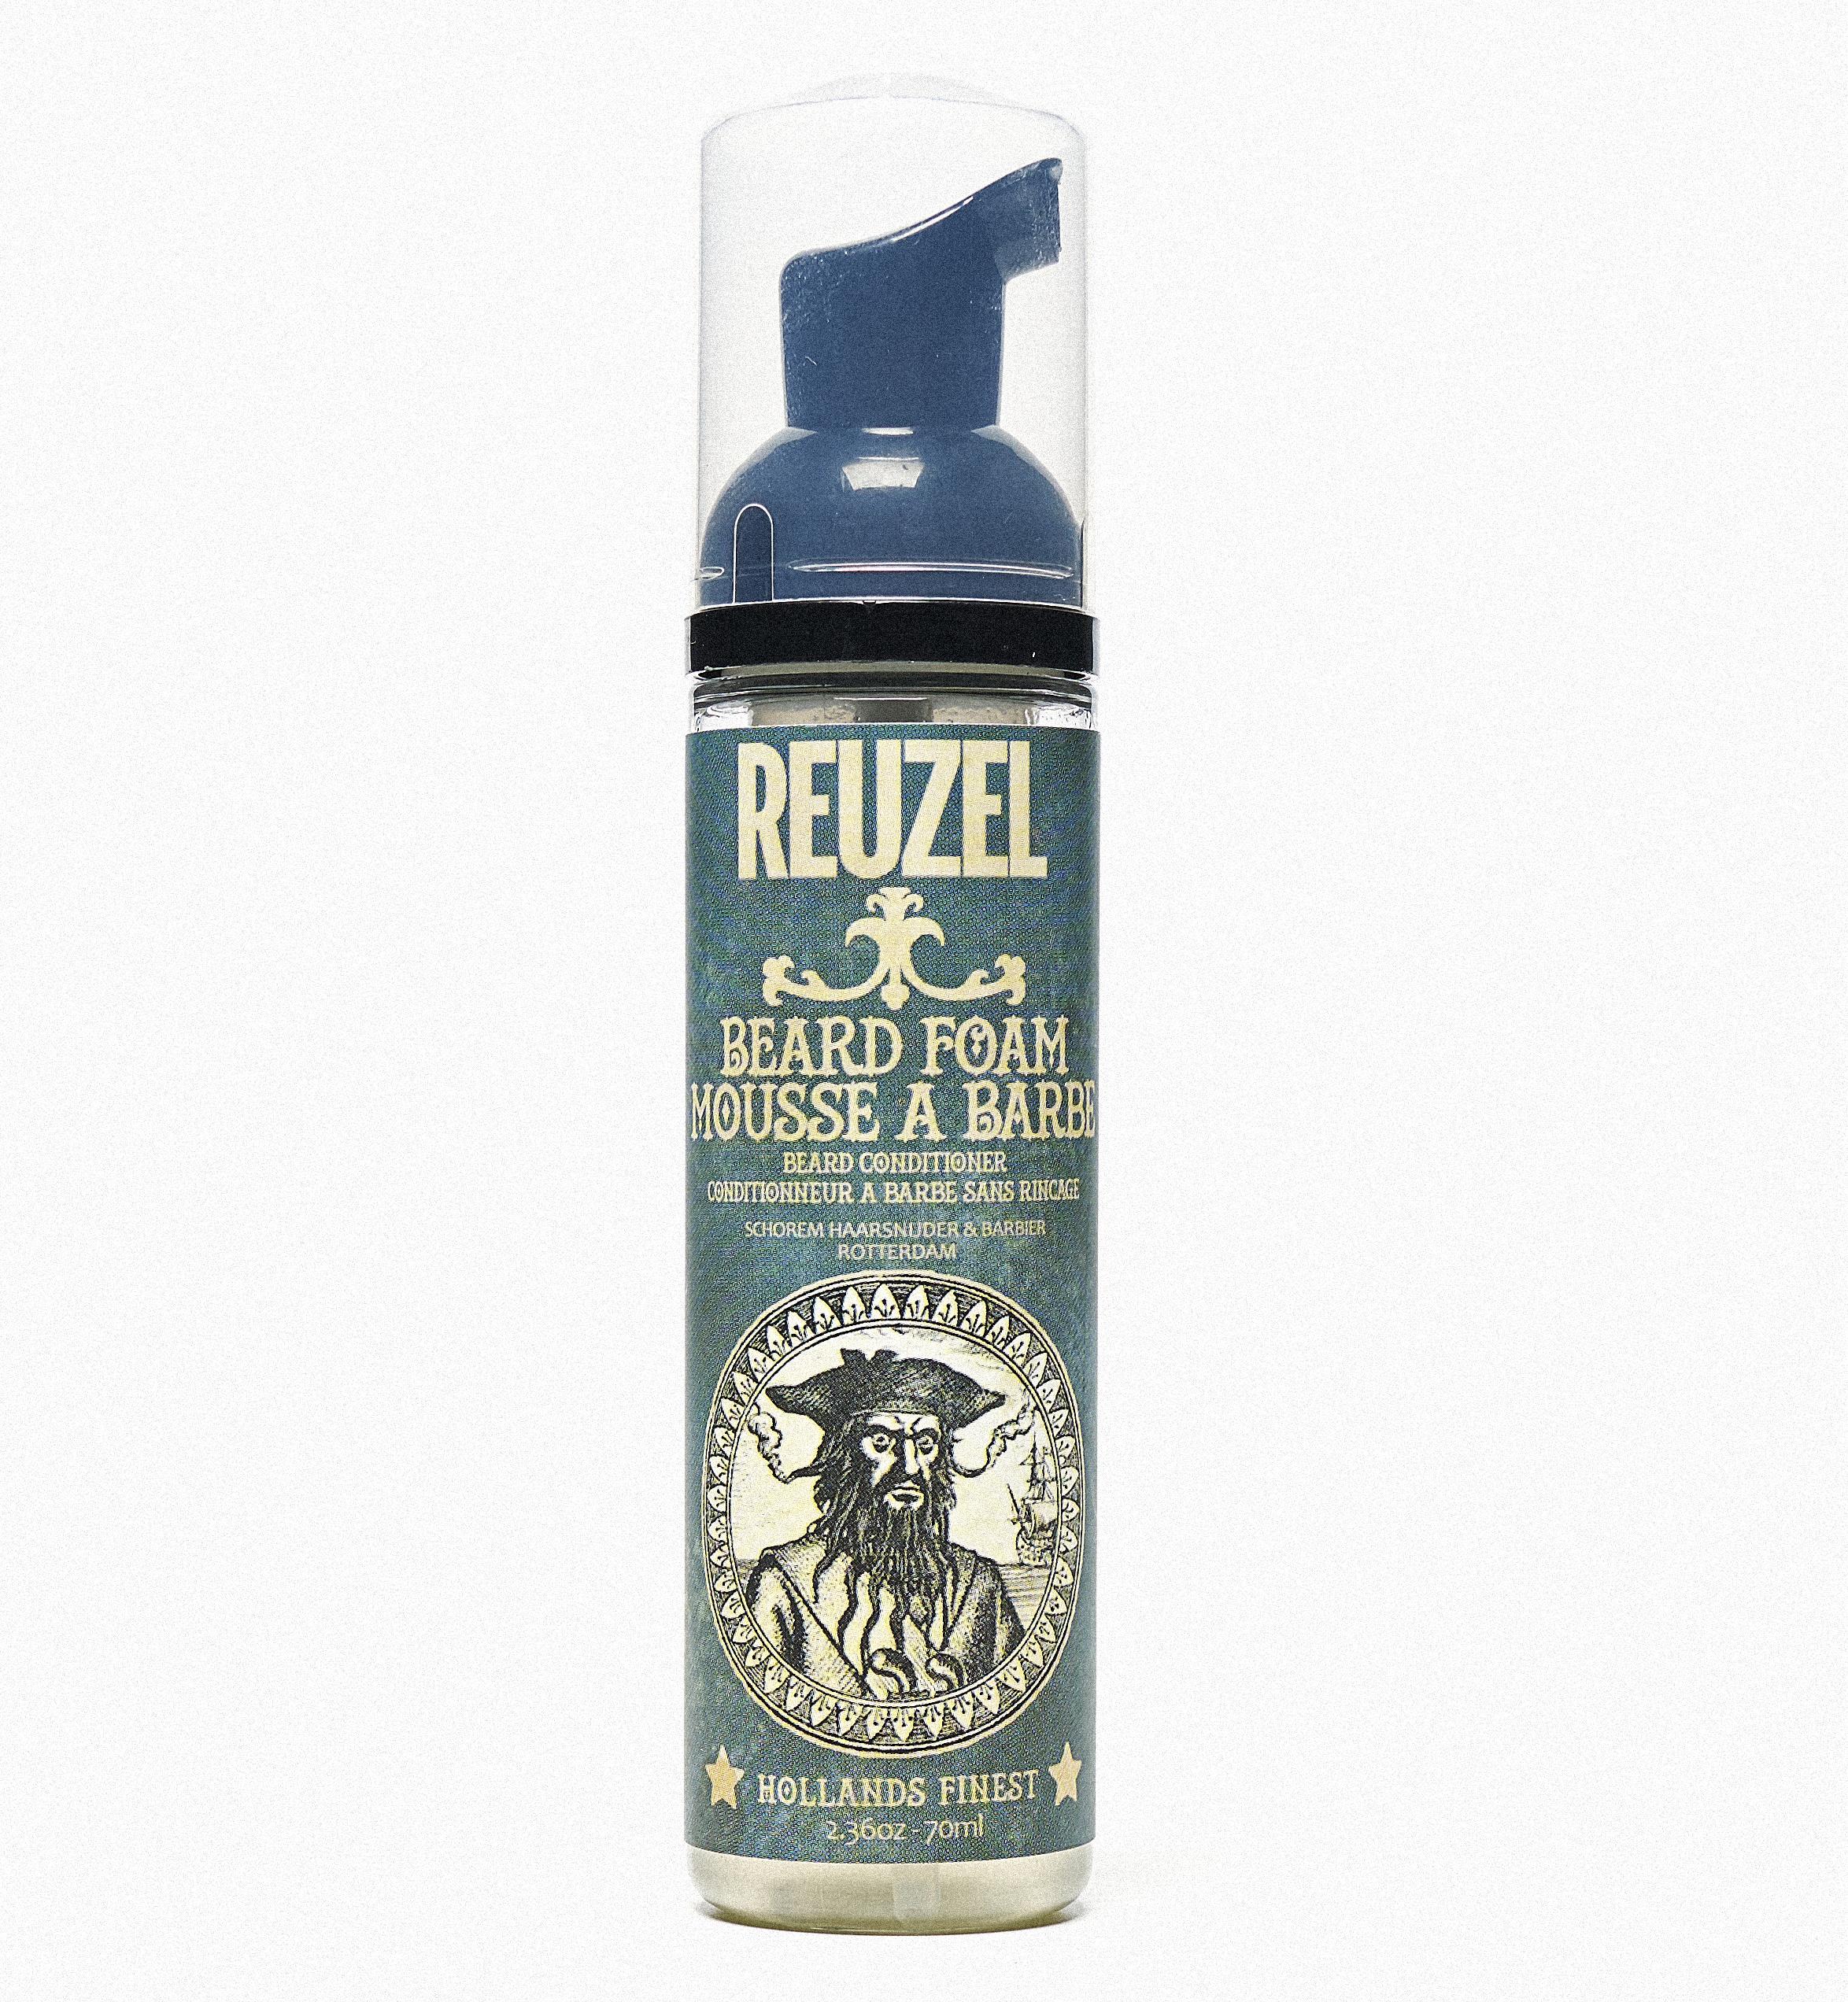 REUZEL Beard Foam - kondicionér na bradu s pěnovou konzistencí, 70 ml